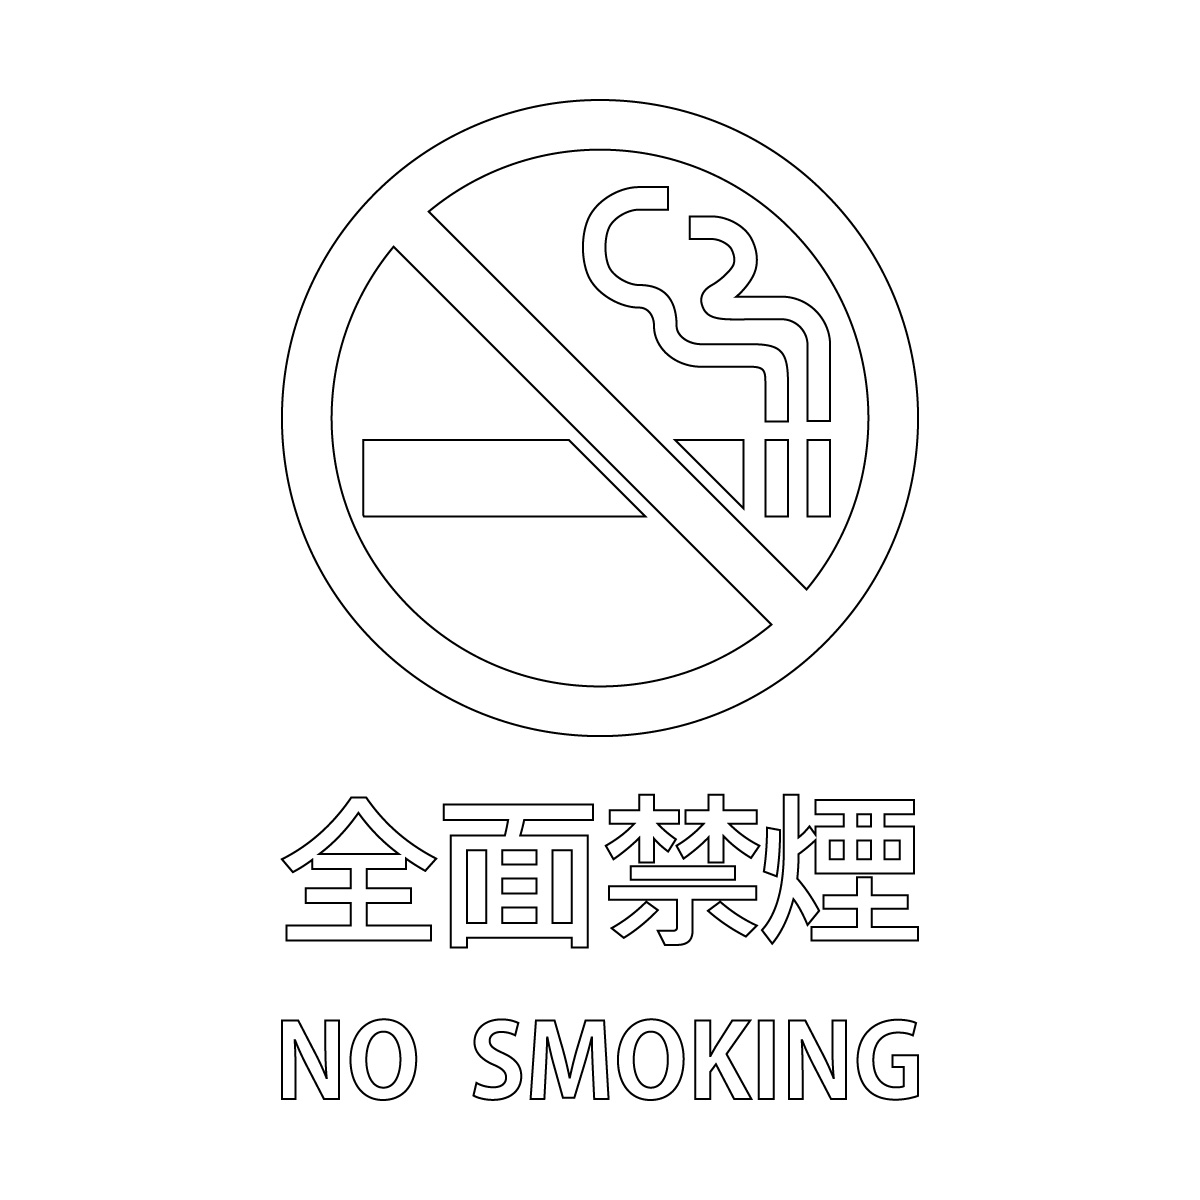 白色の禁煙 シール ステッカー(全面禁煙 NO SMOKING テキスト付き)のカッティングステッカー・シール